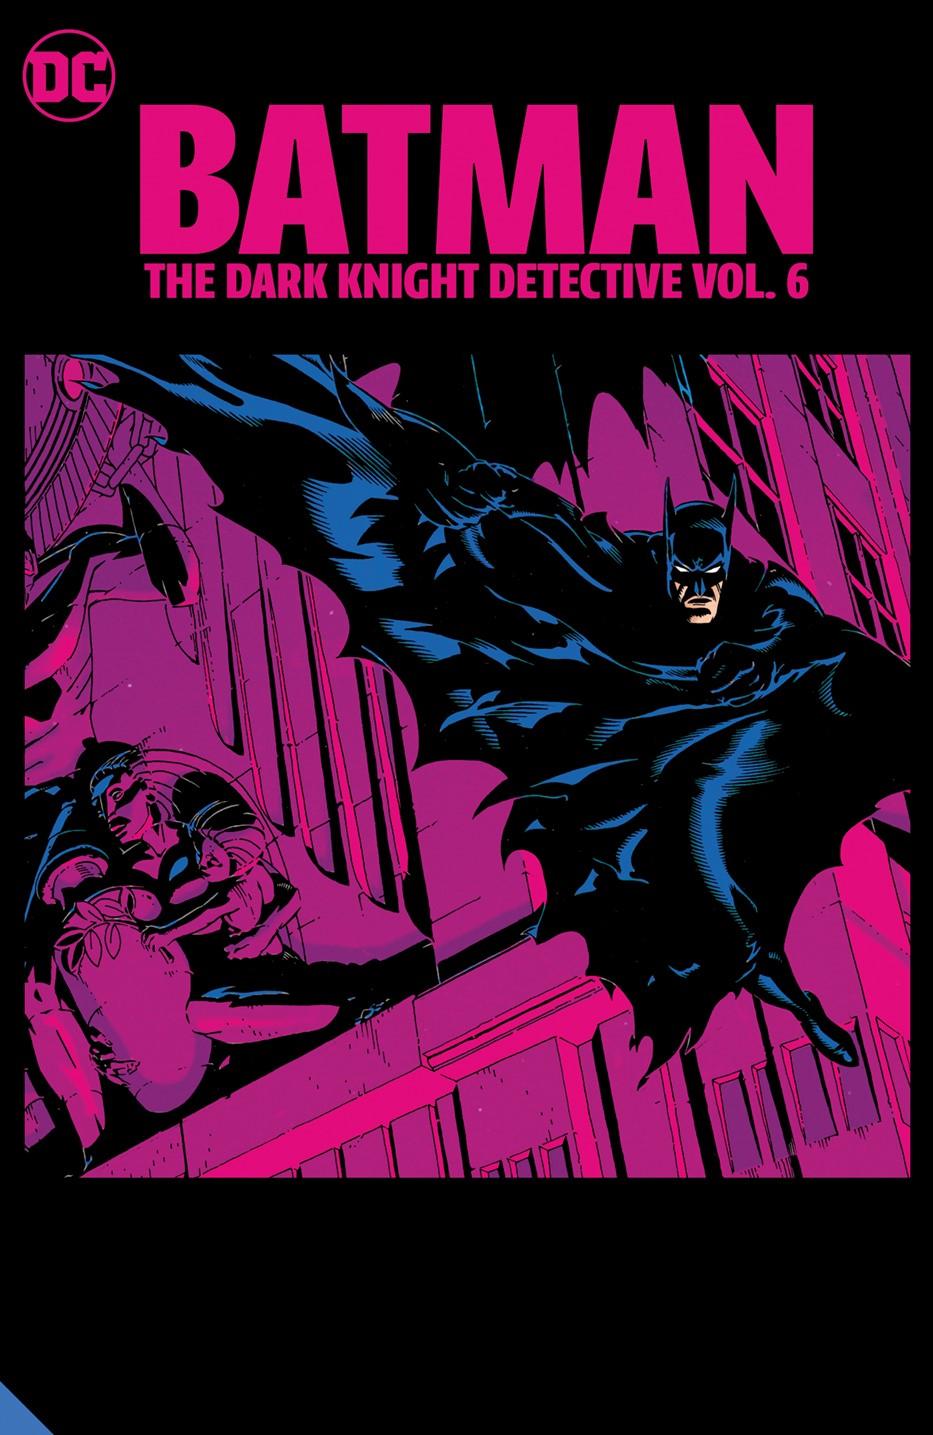 batmanthedarkknightdetective-vol6_adv DC Comics October 2021 Solicitations